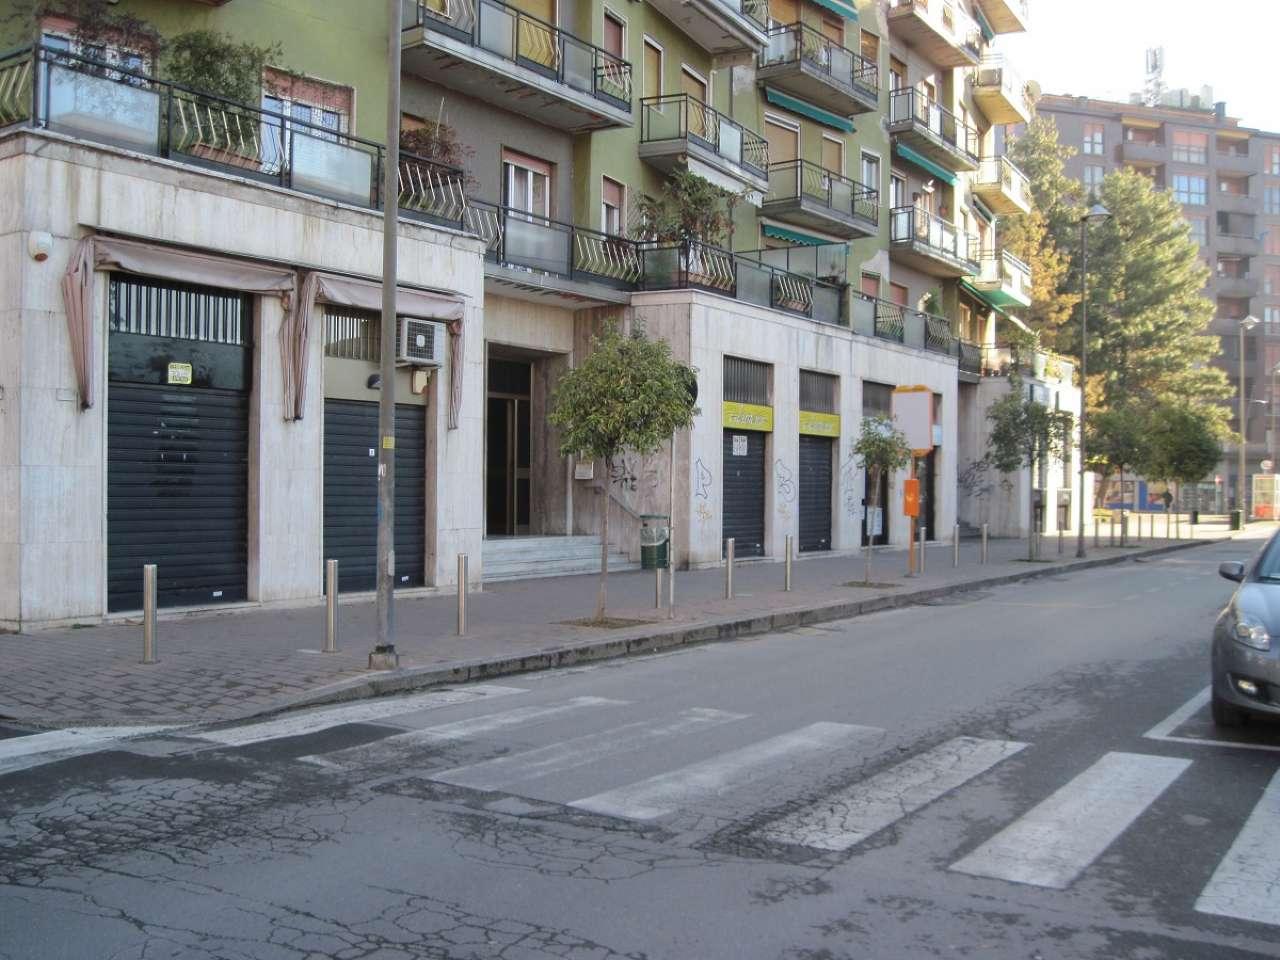 Negozio / Locale in affitto a Bresso, 1 locali, prezzo € 10.800 | CambioCasa.it